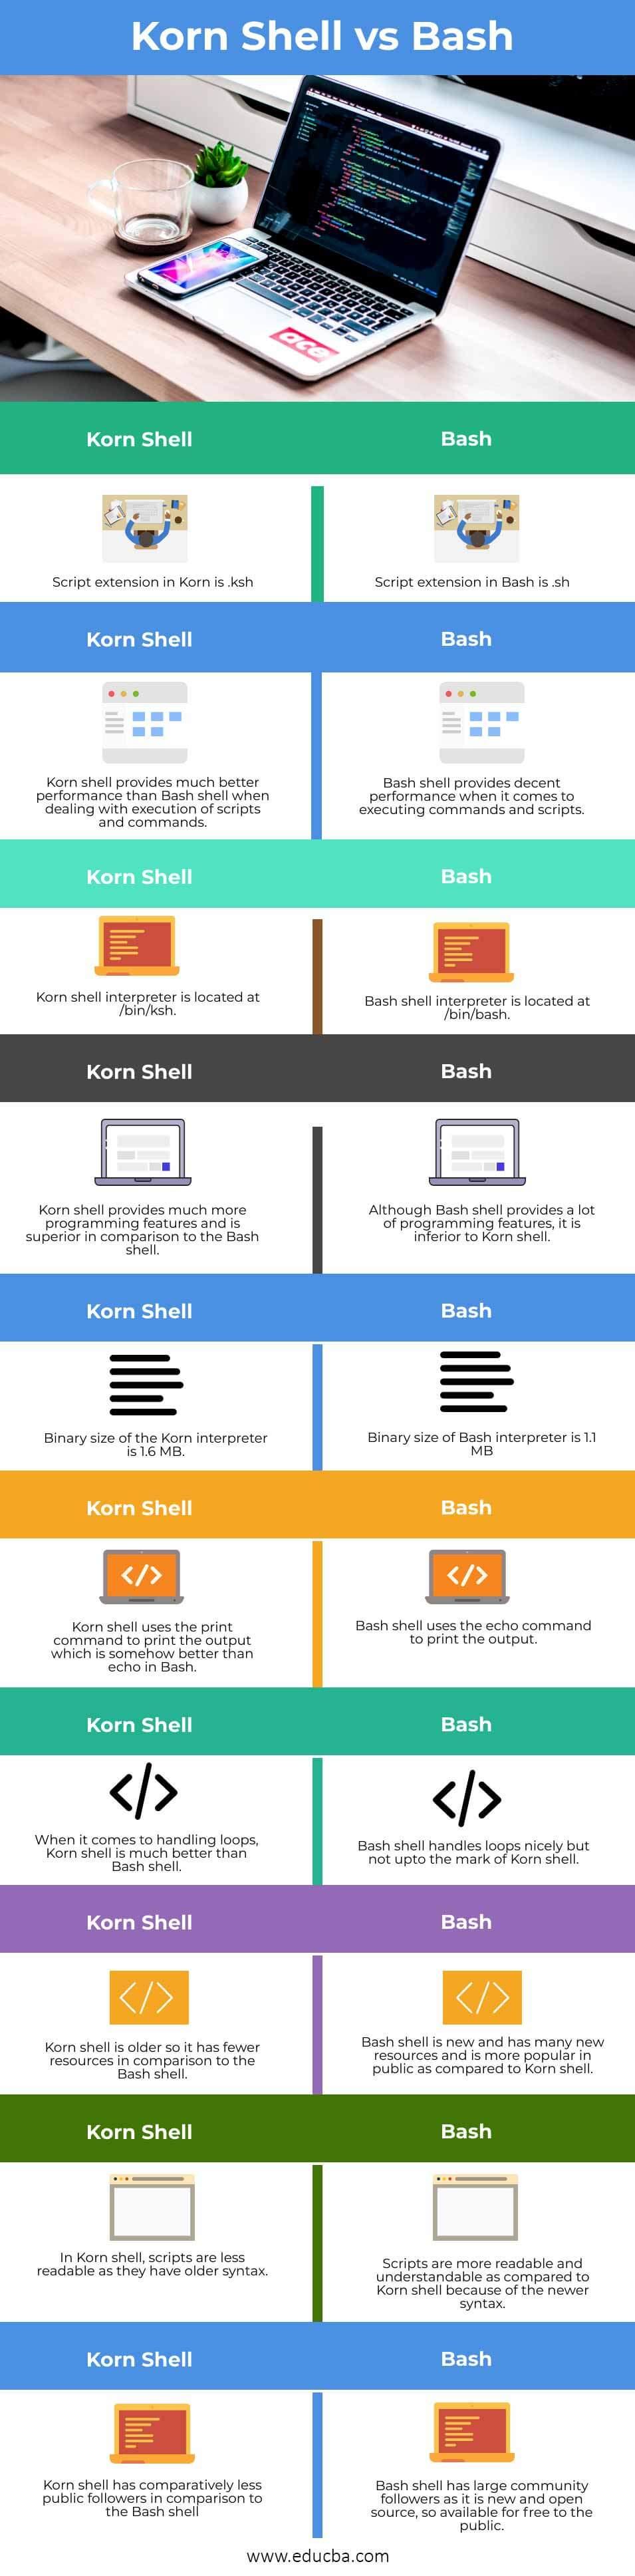 Korn Shell vs Bash info